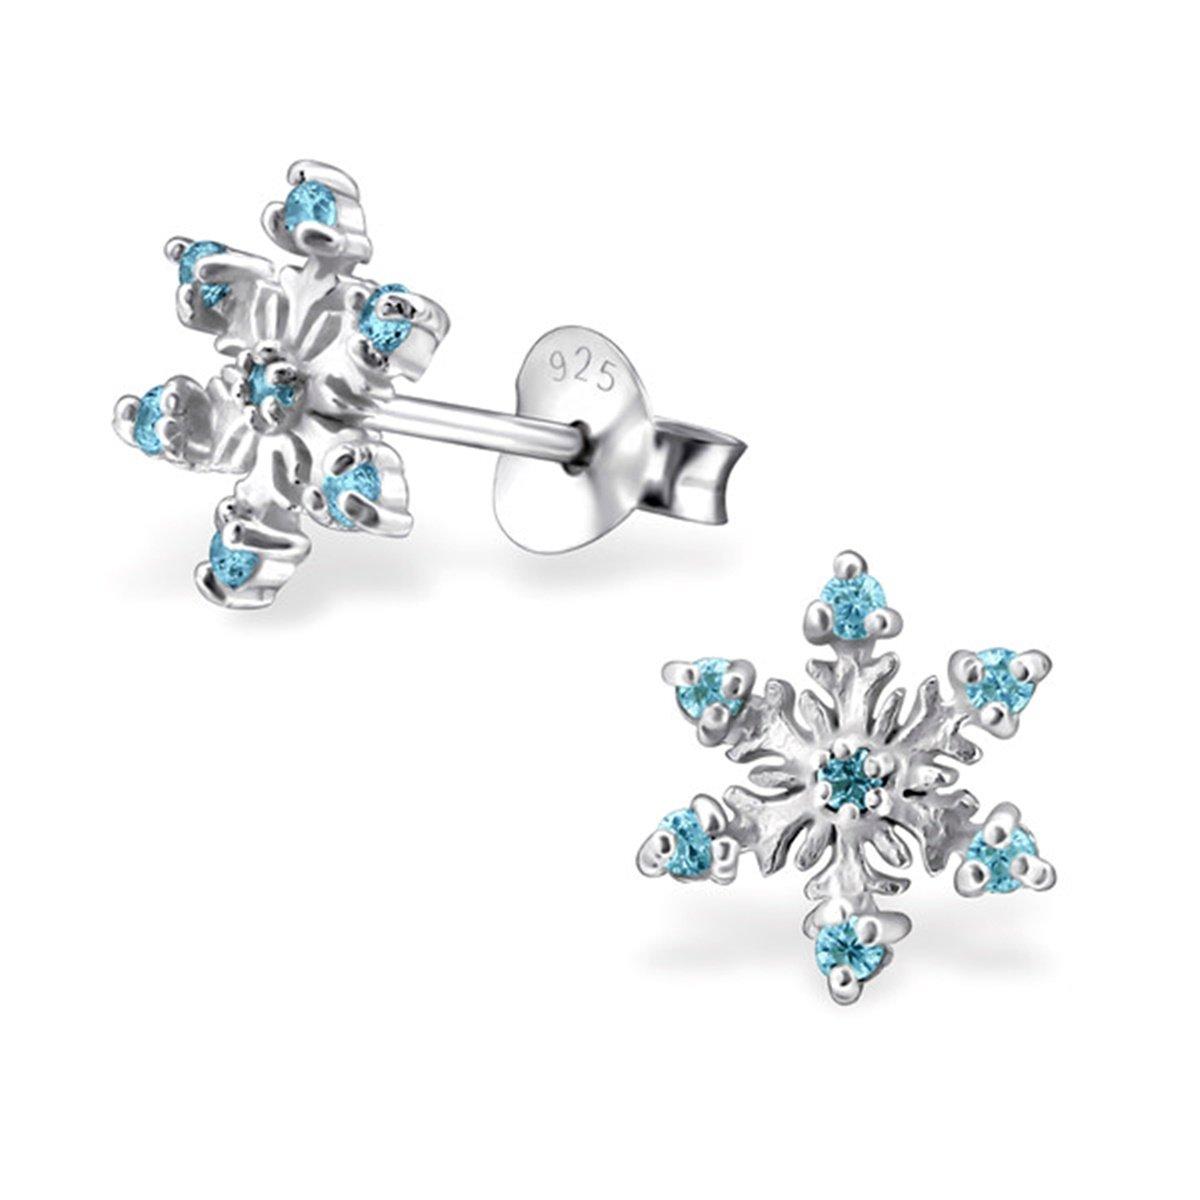 gh1a flocon de neige cristal Boucles d'oreille en argent 925fille Enfants la Reine des Neiges Frozen Idée Cadeau